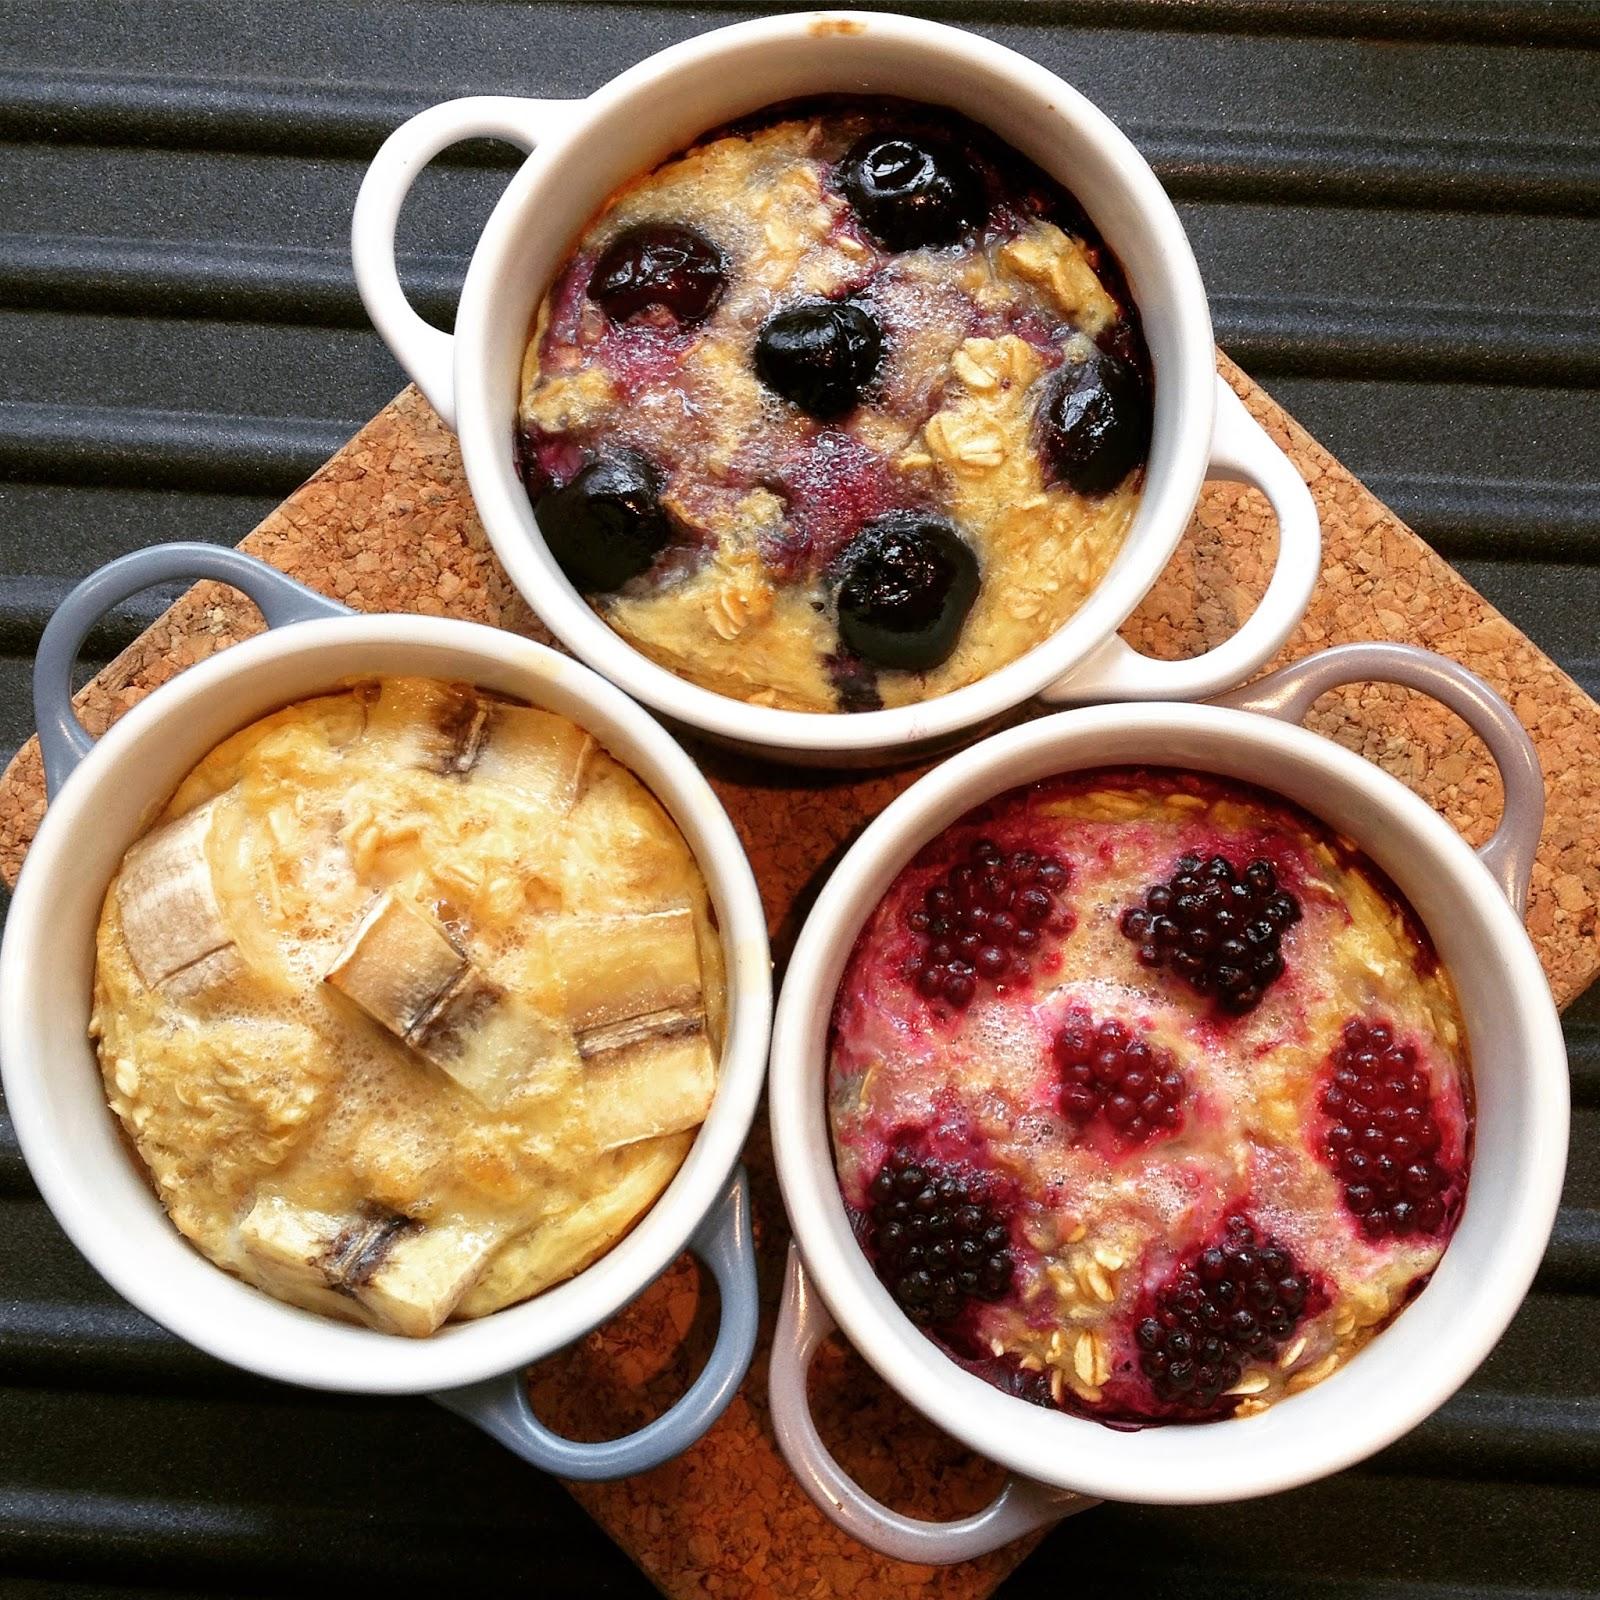 dairy free breakfast baked oats